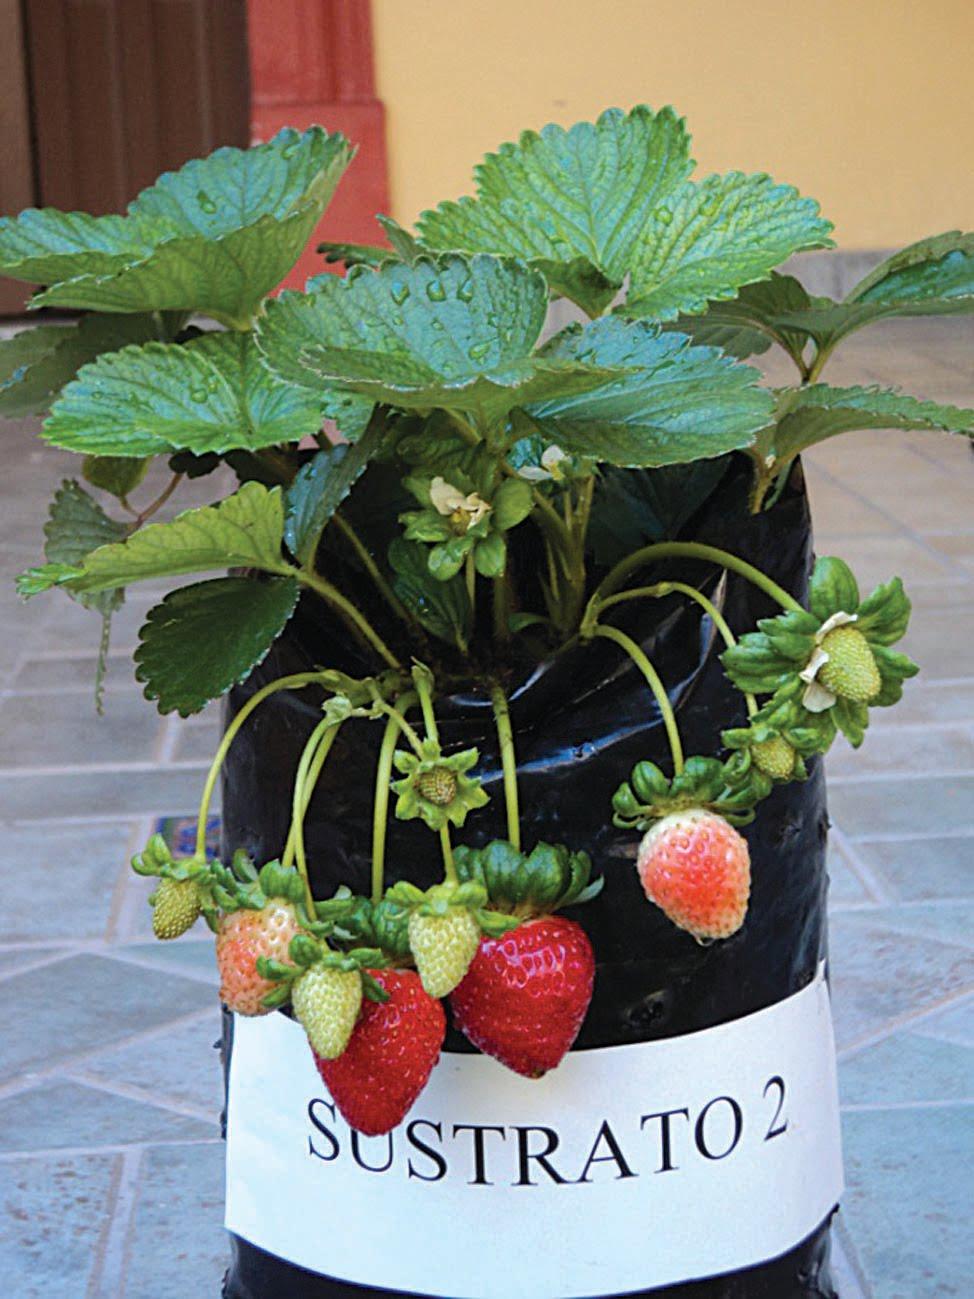 el proyecto con el que se inici la lnea de se refiere a la produccin orgnica de hortalizas primero a nivel invernadero